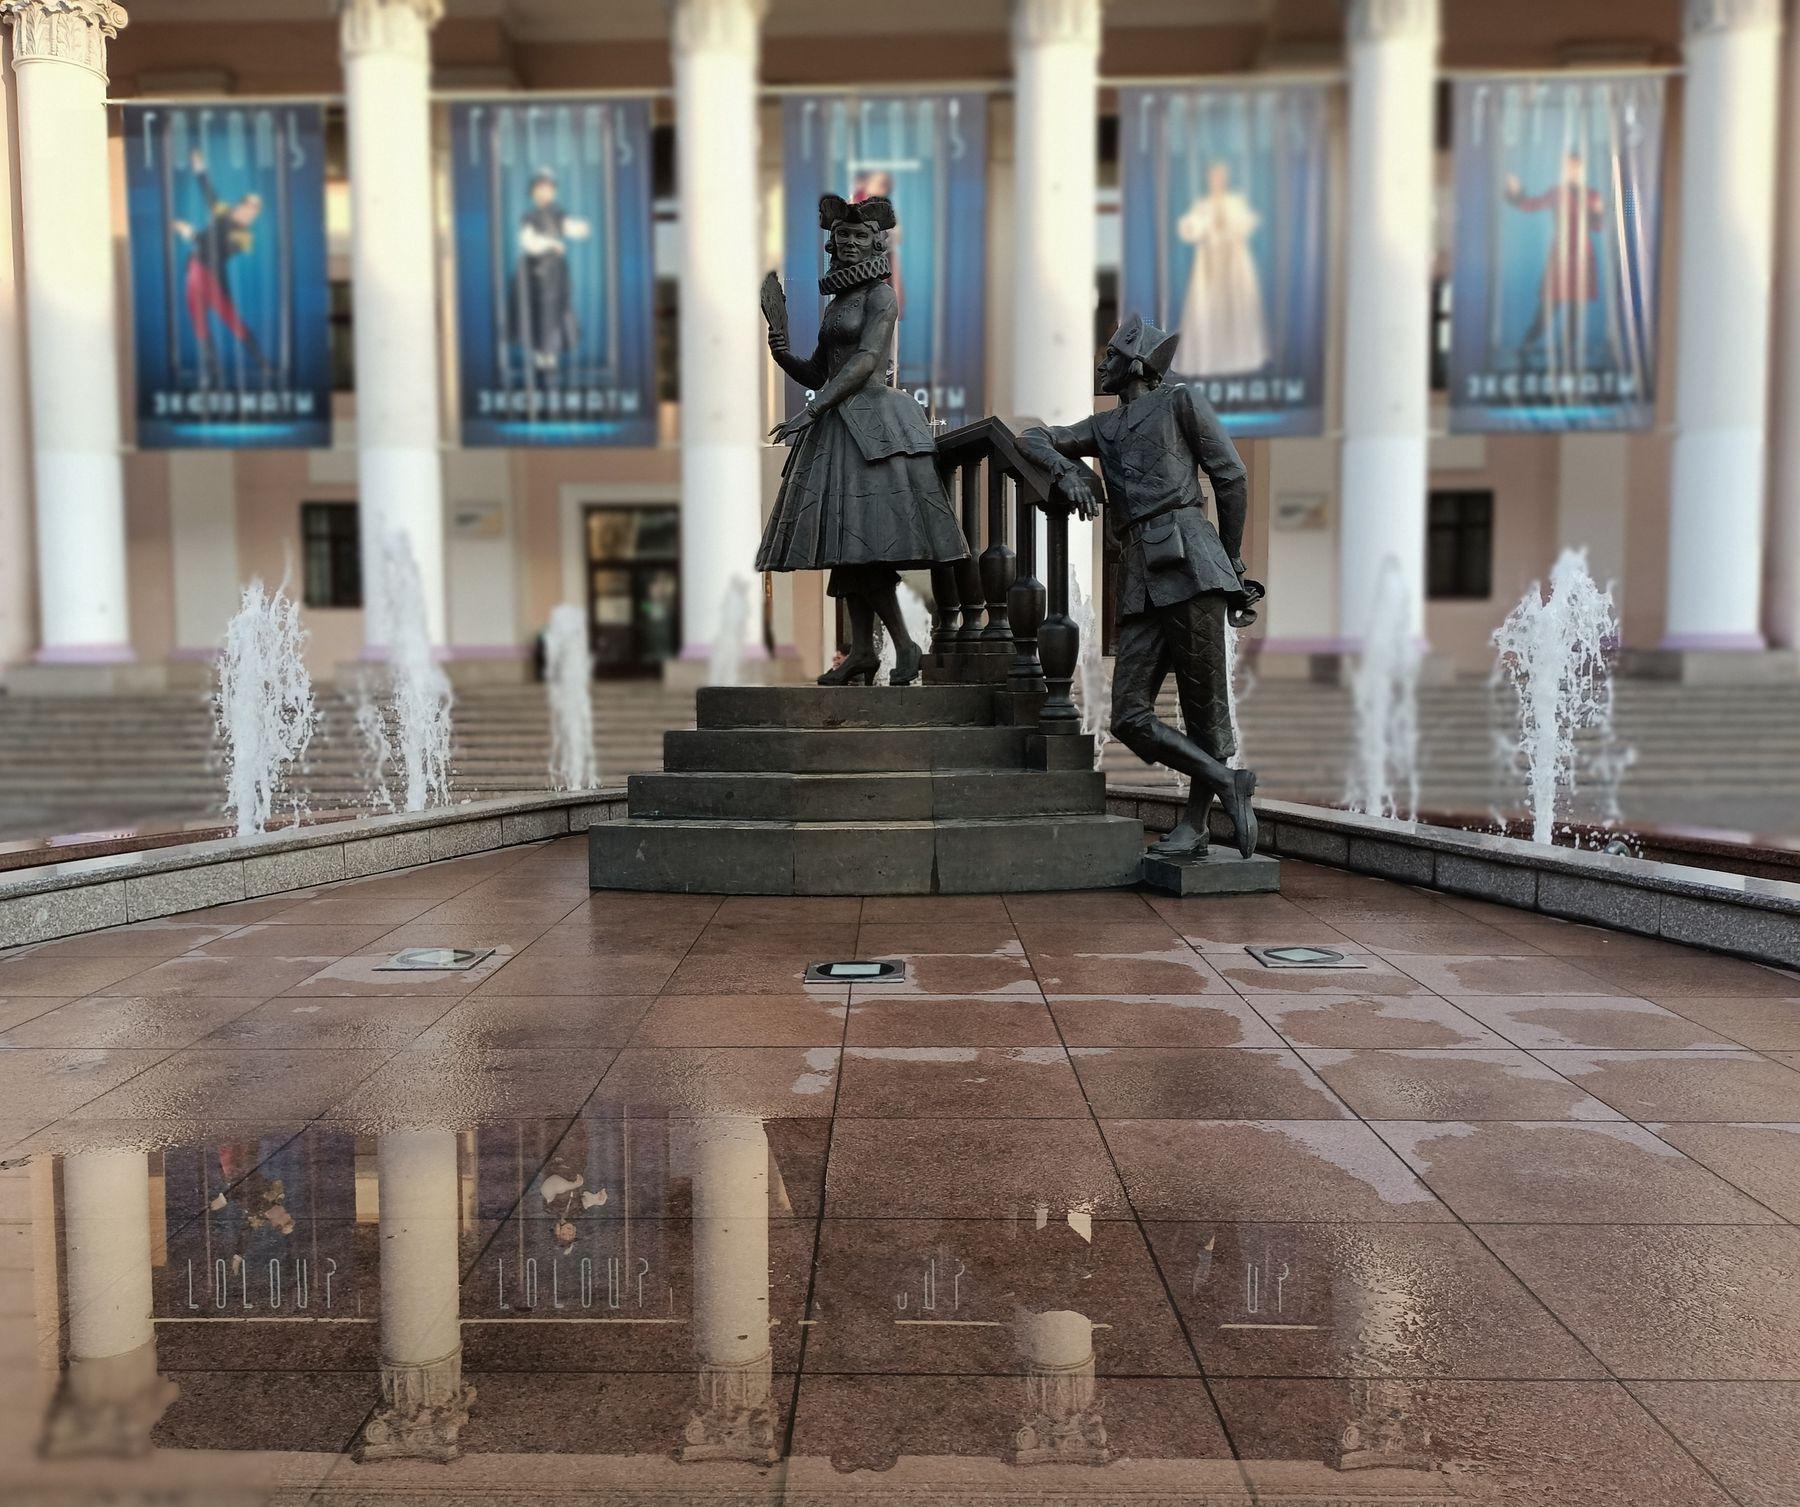 ***Окно былых времён Лужа отражение фонтан ступени дама с веером мужчина в камзоле треуголка головной убор знакомство беседа театр колонны здание афишы окно былых времён статуя бронзовая статуи бронзовые фигуры свидание